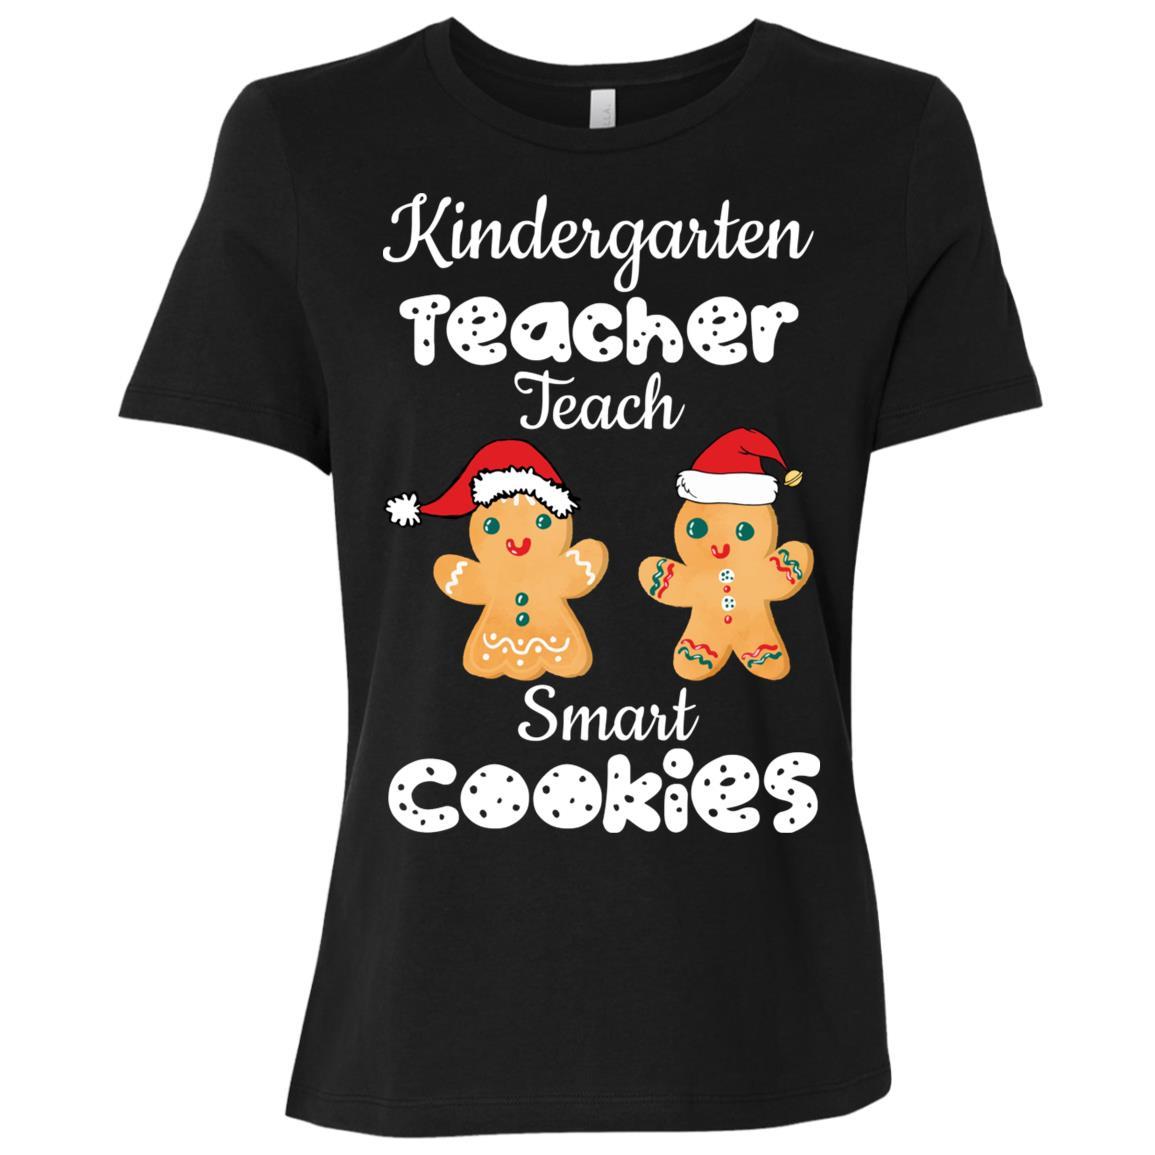 Kindergarten teachers teach smart cookies xmas Women Short Sleeve T-Shirt